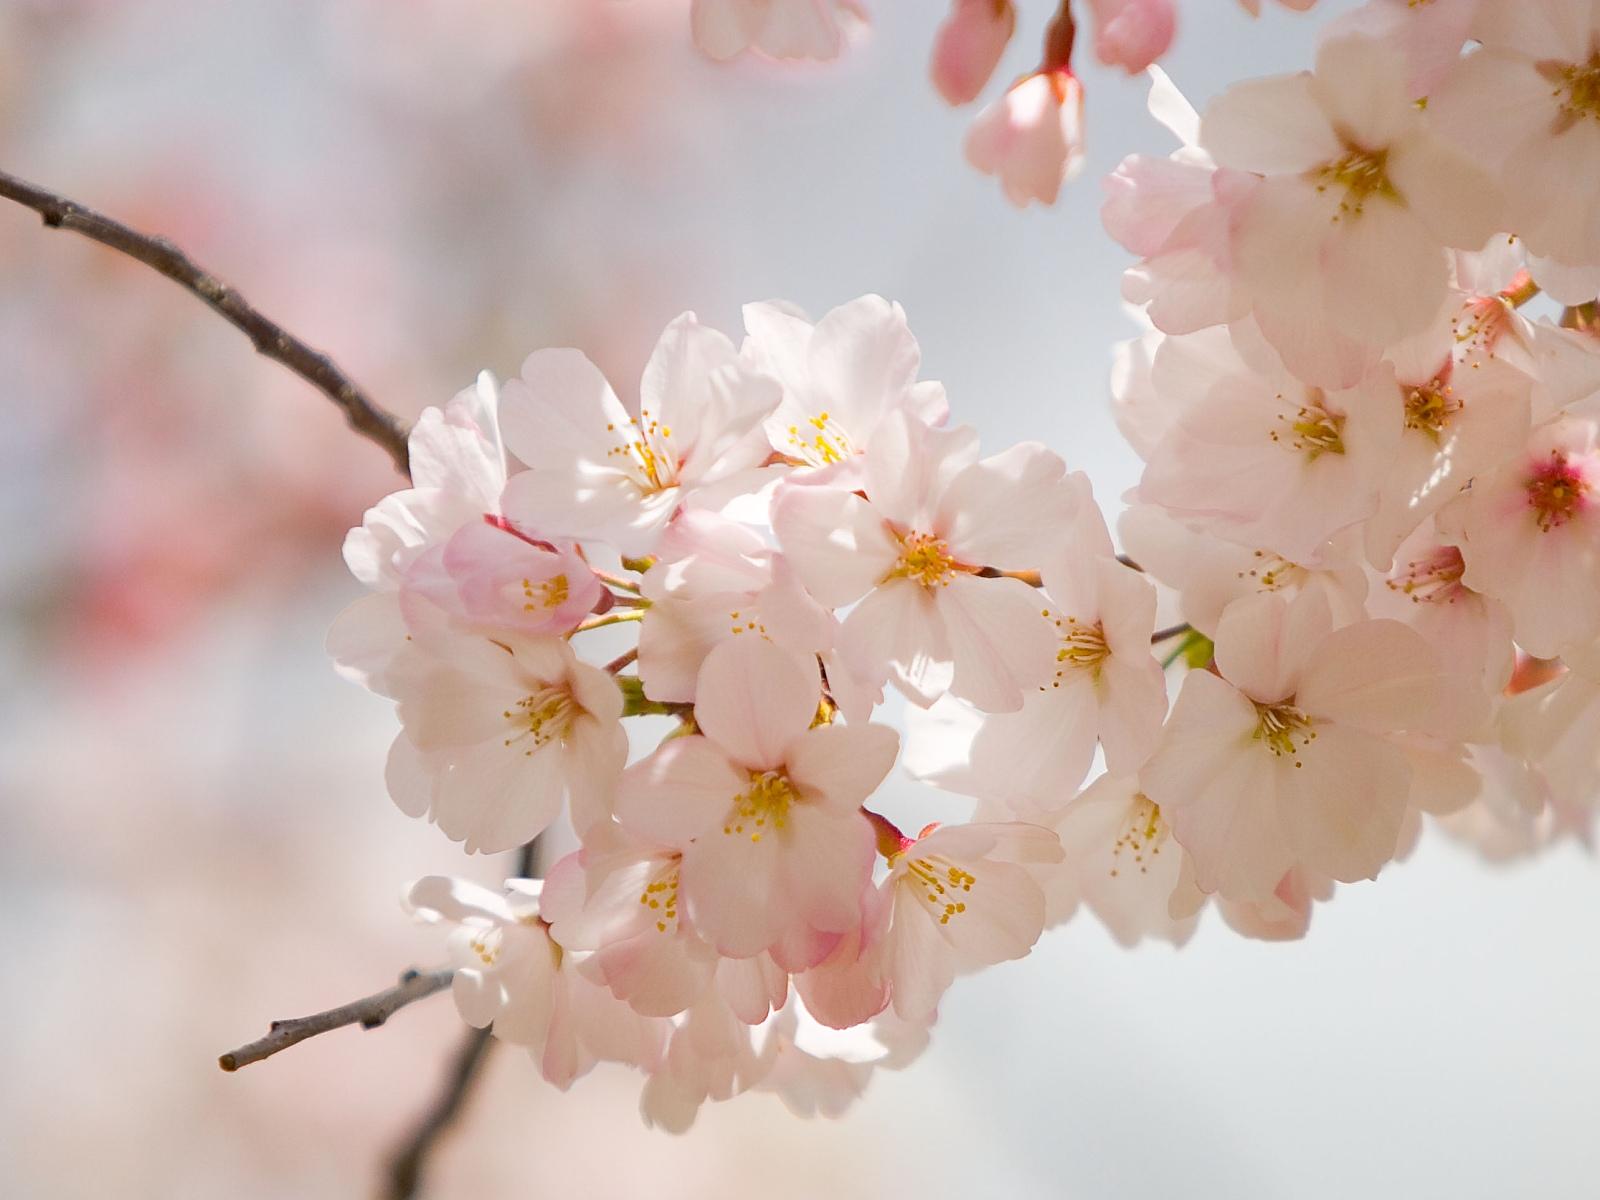 http://1.bp.blogspot.com/_oyyPHt64PWI/S7JCndnDUgI/AAAAAAAAAoQ/F-USsS0SgL0/s1600/spring-wedding-flowers.jpg